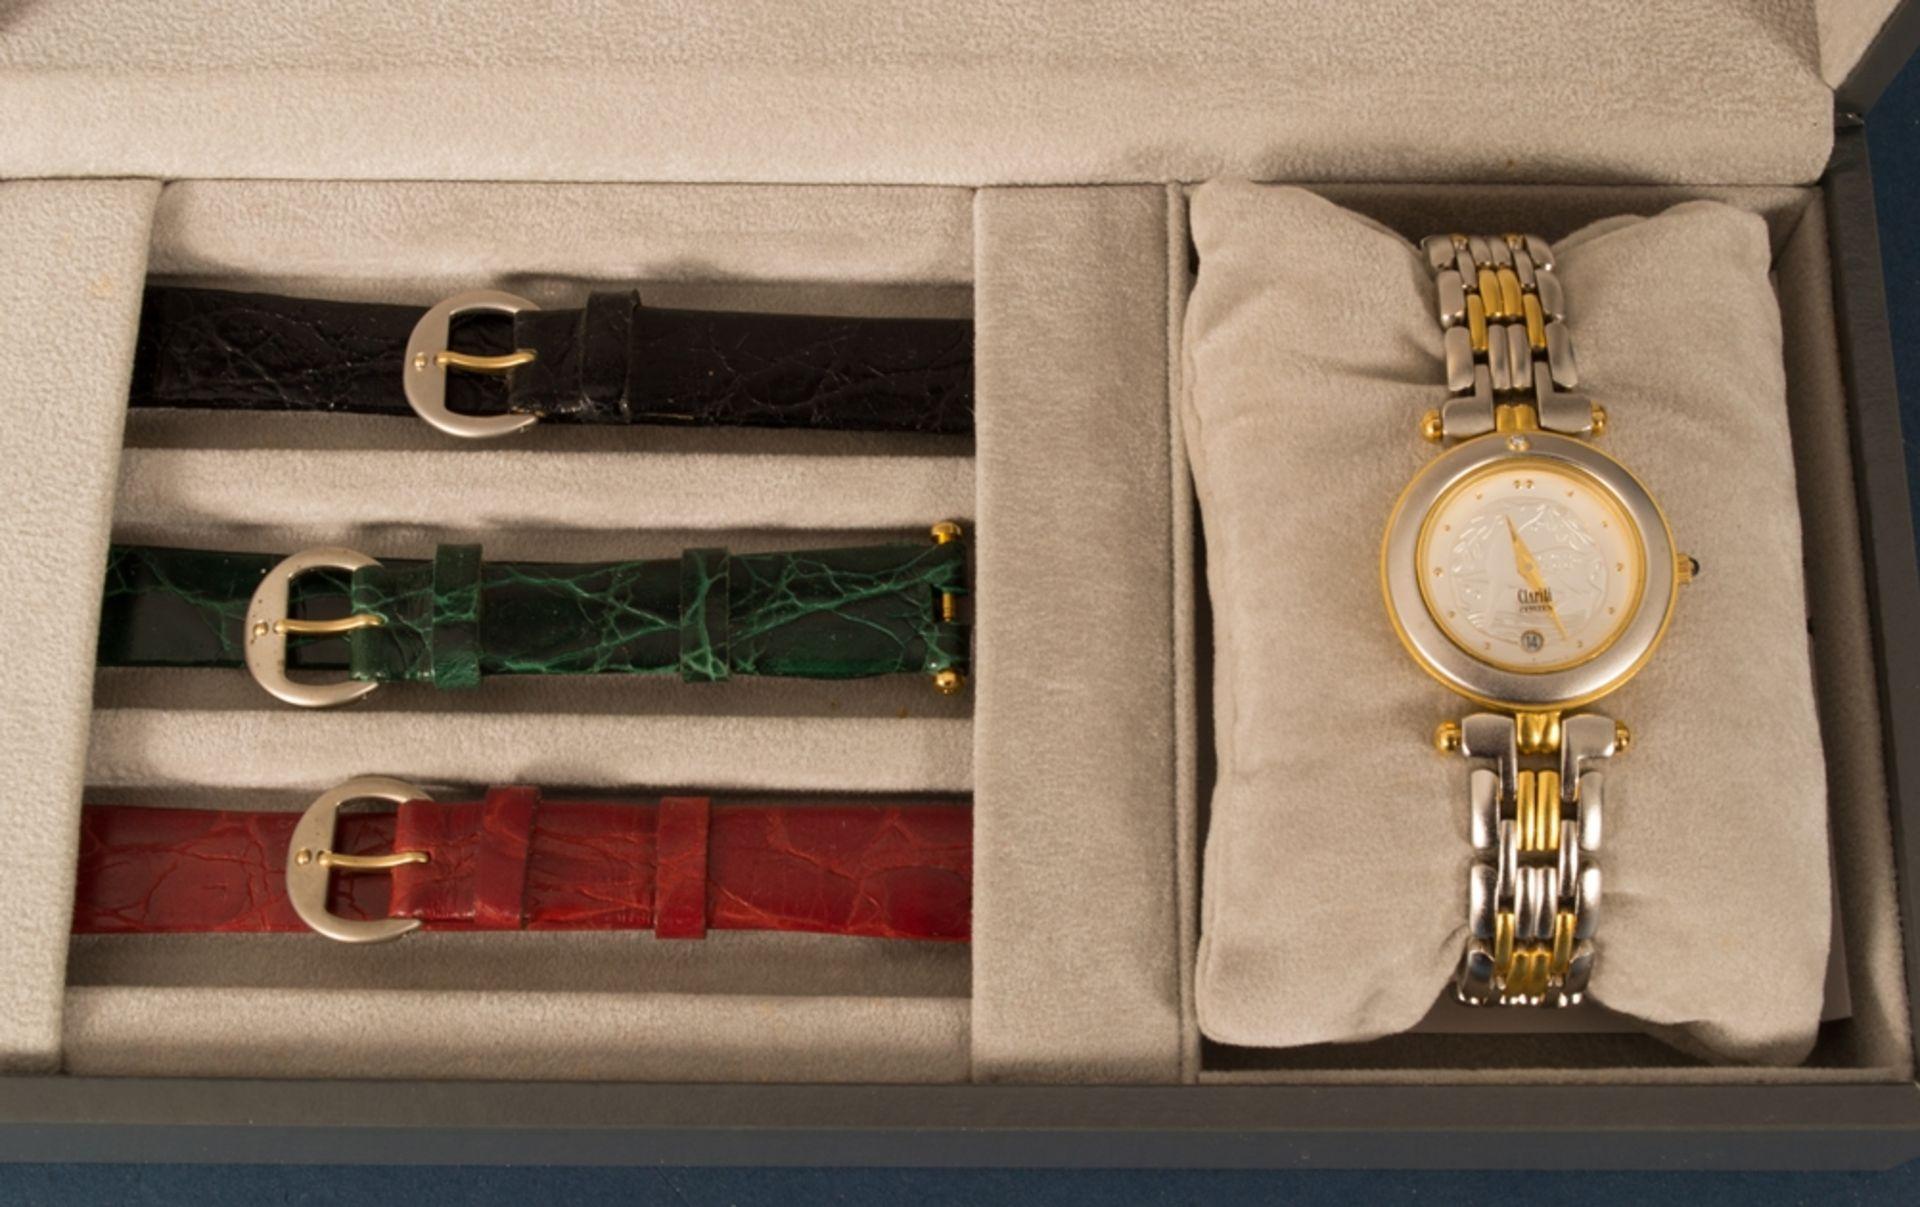 CITIZEN - CLARITI - BICOLOR (Stahl/Gold) Damenarmbanduhr, Ziffernblatt mit figürlicher Vignette (Reh - Bild 2 aus 8